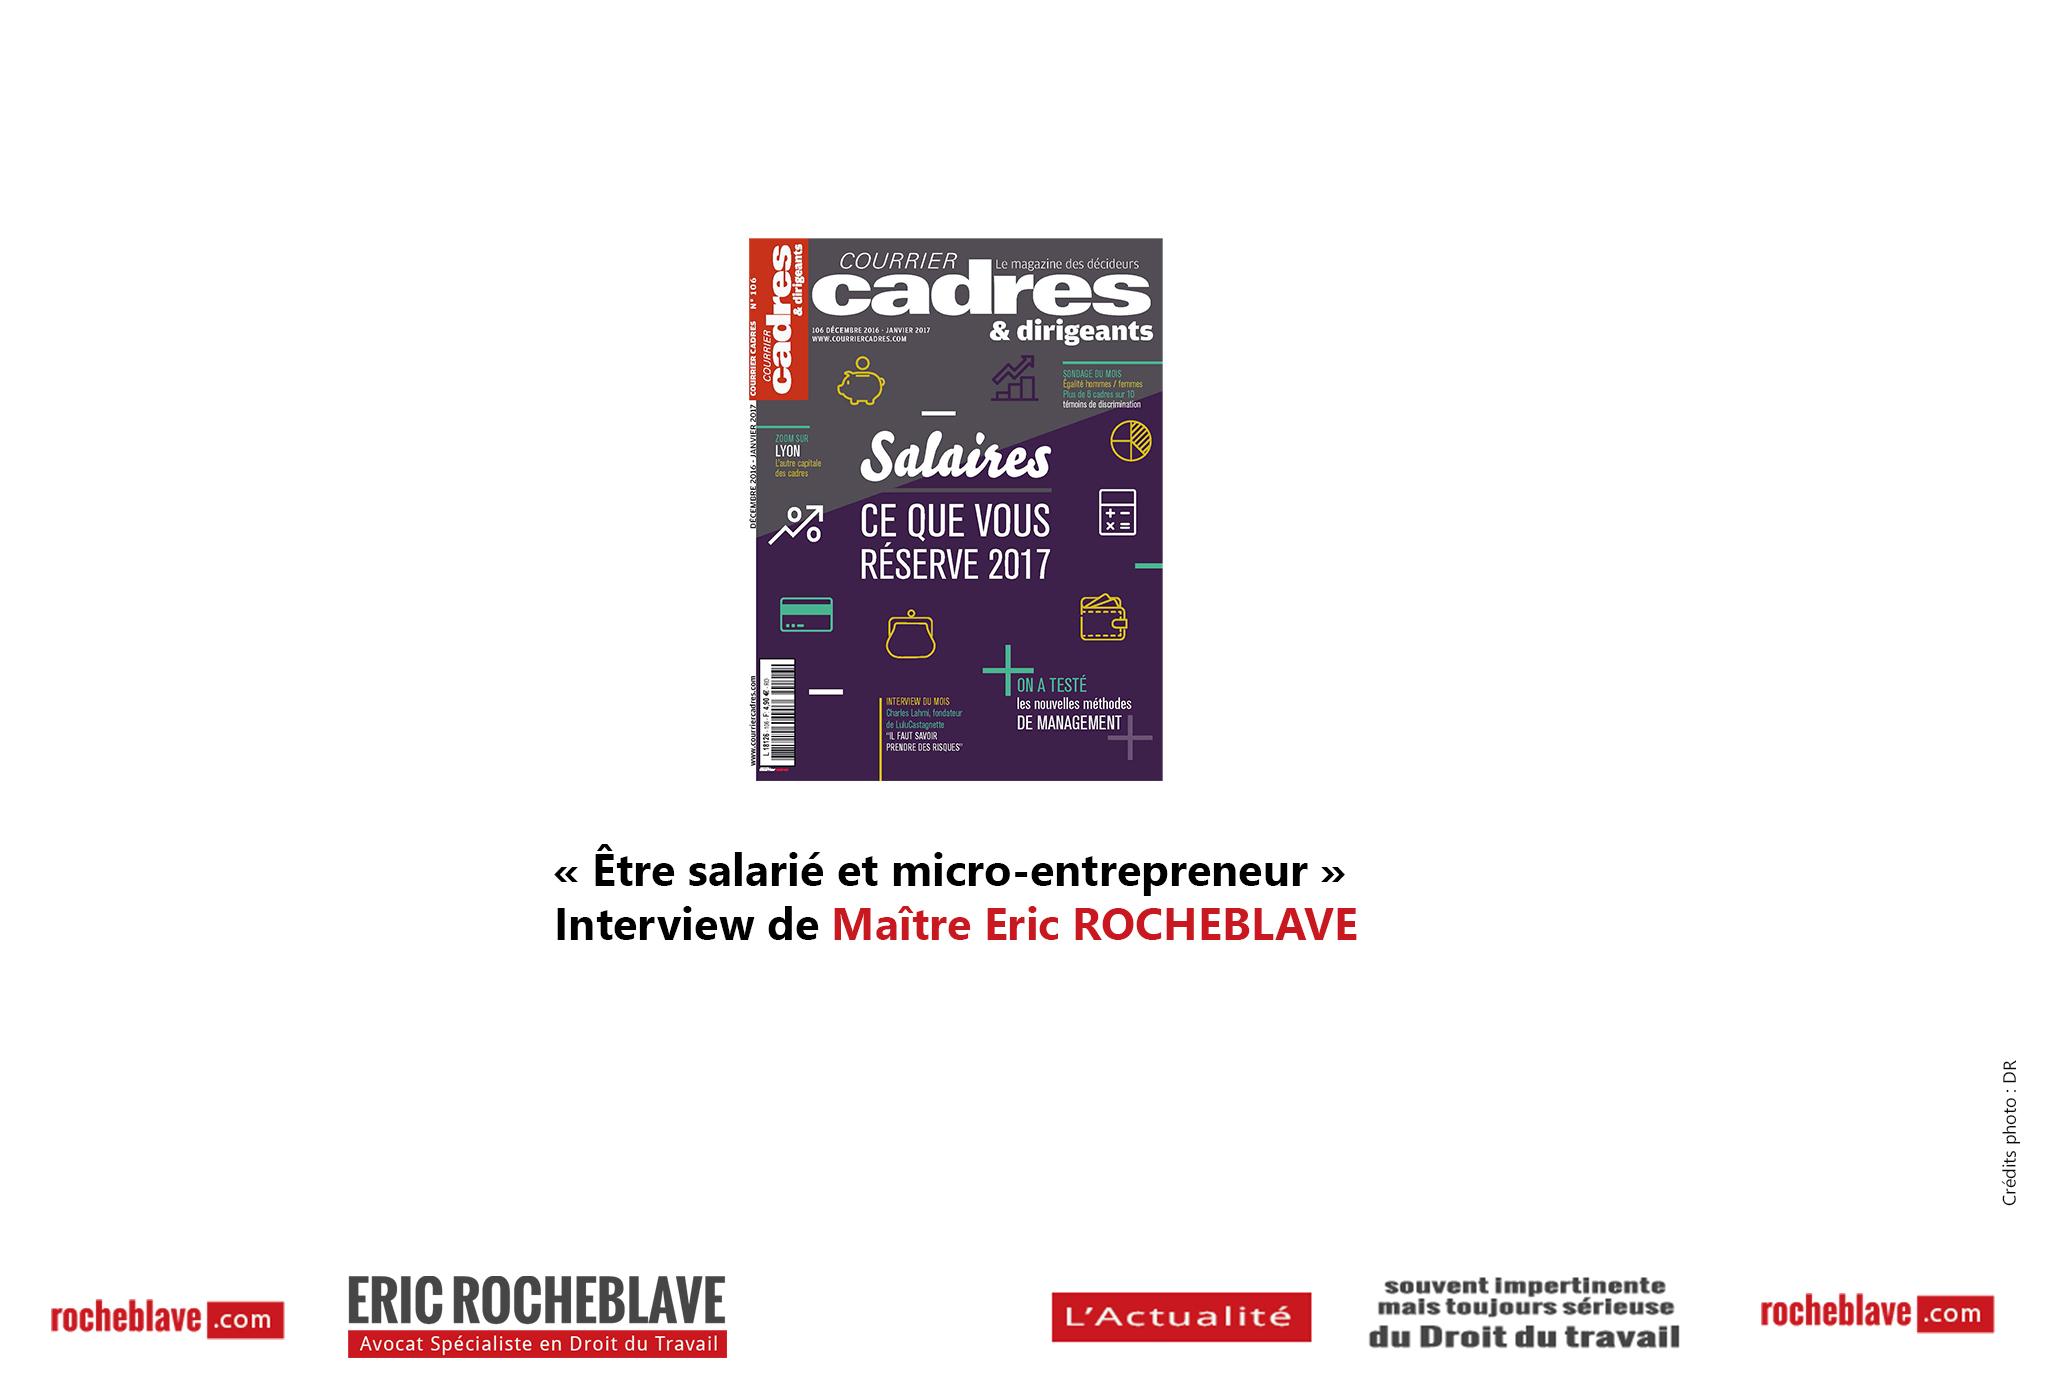 « Être salarié et micro-entrepreneur » Interview de Maître Eric ROCHEBLAVE | Courrier Cadres & Dirigeants